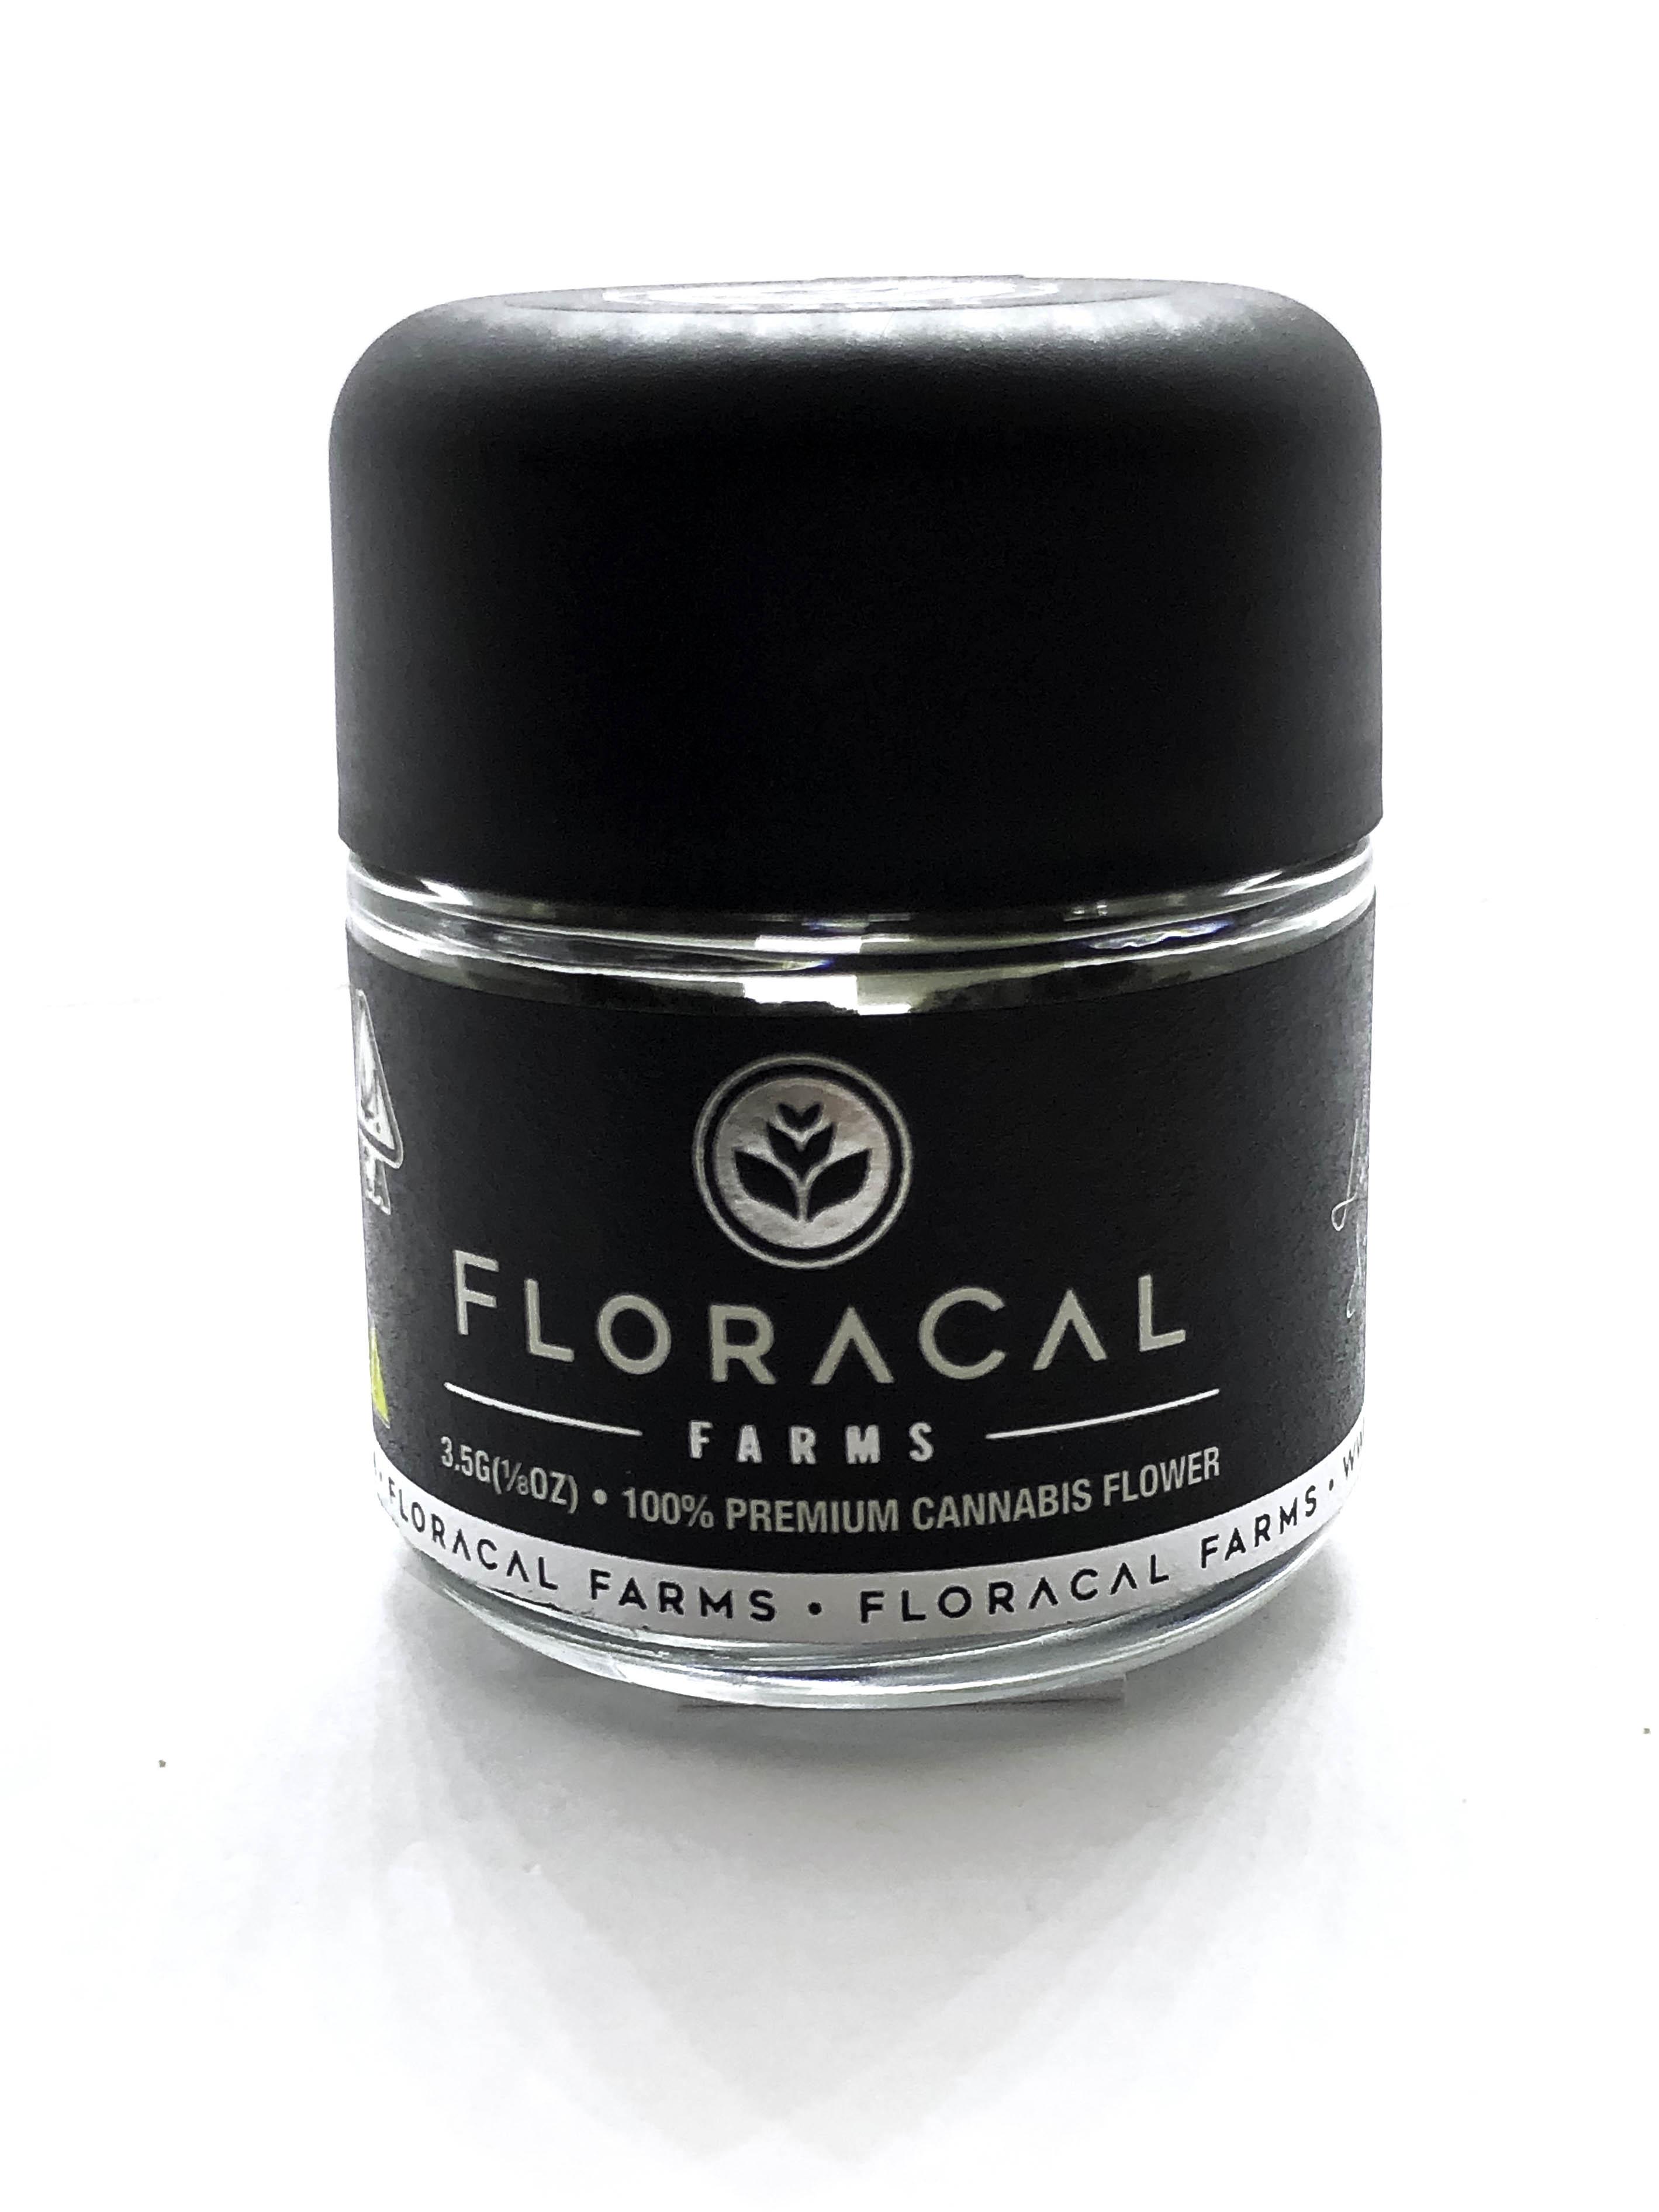 FloraCal: Mac 3.5g